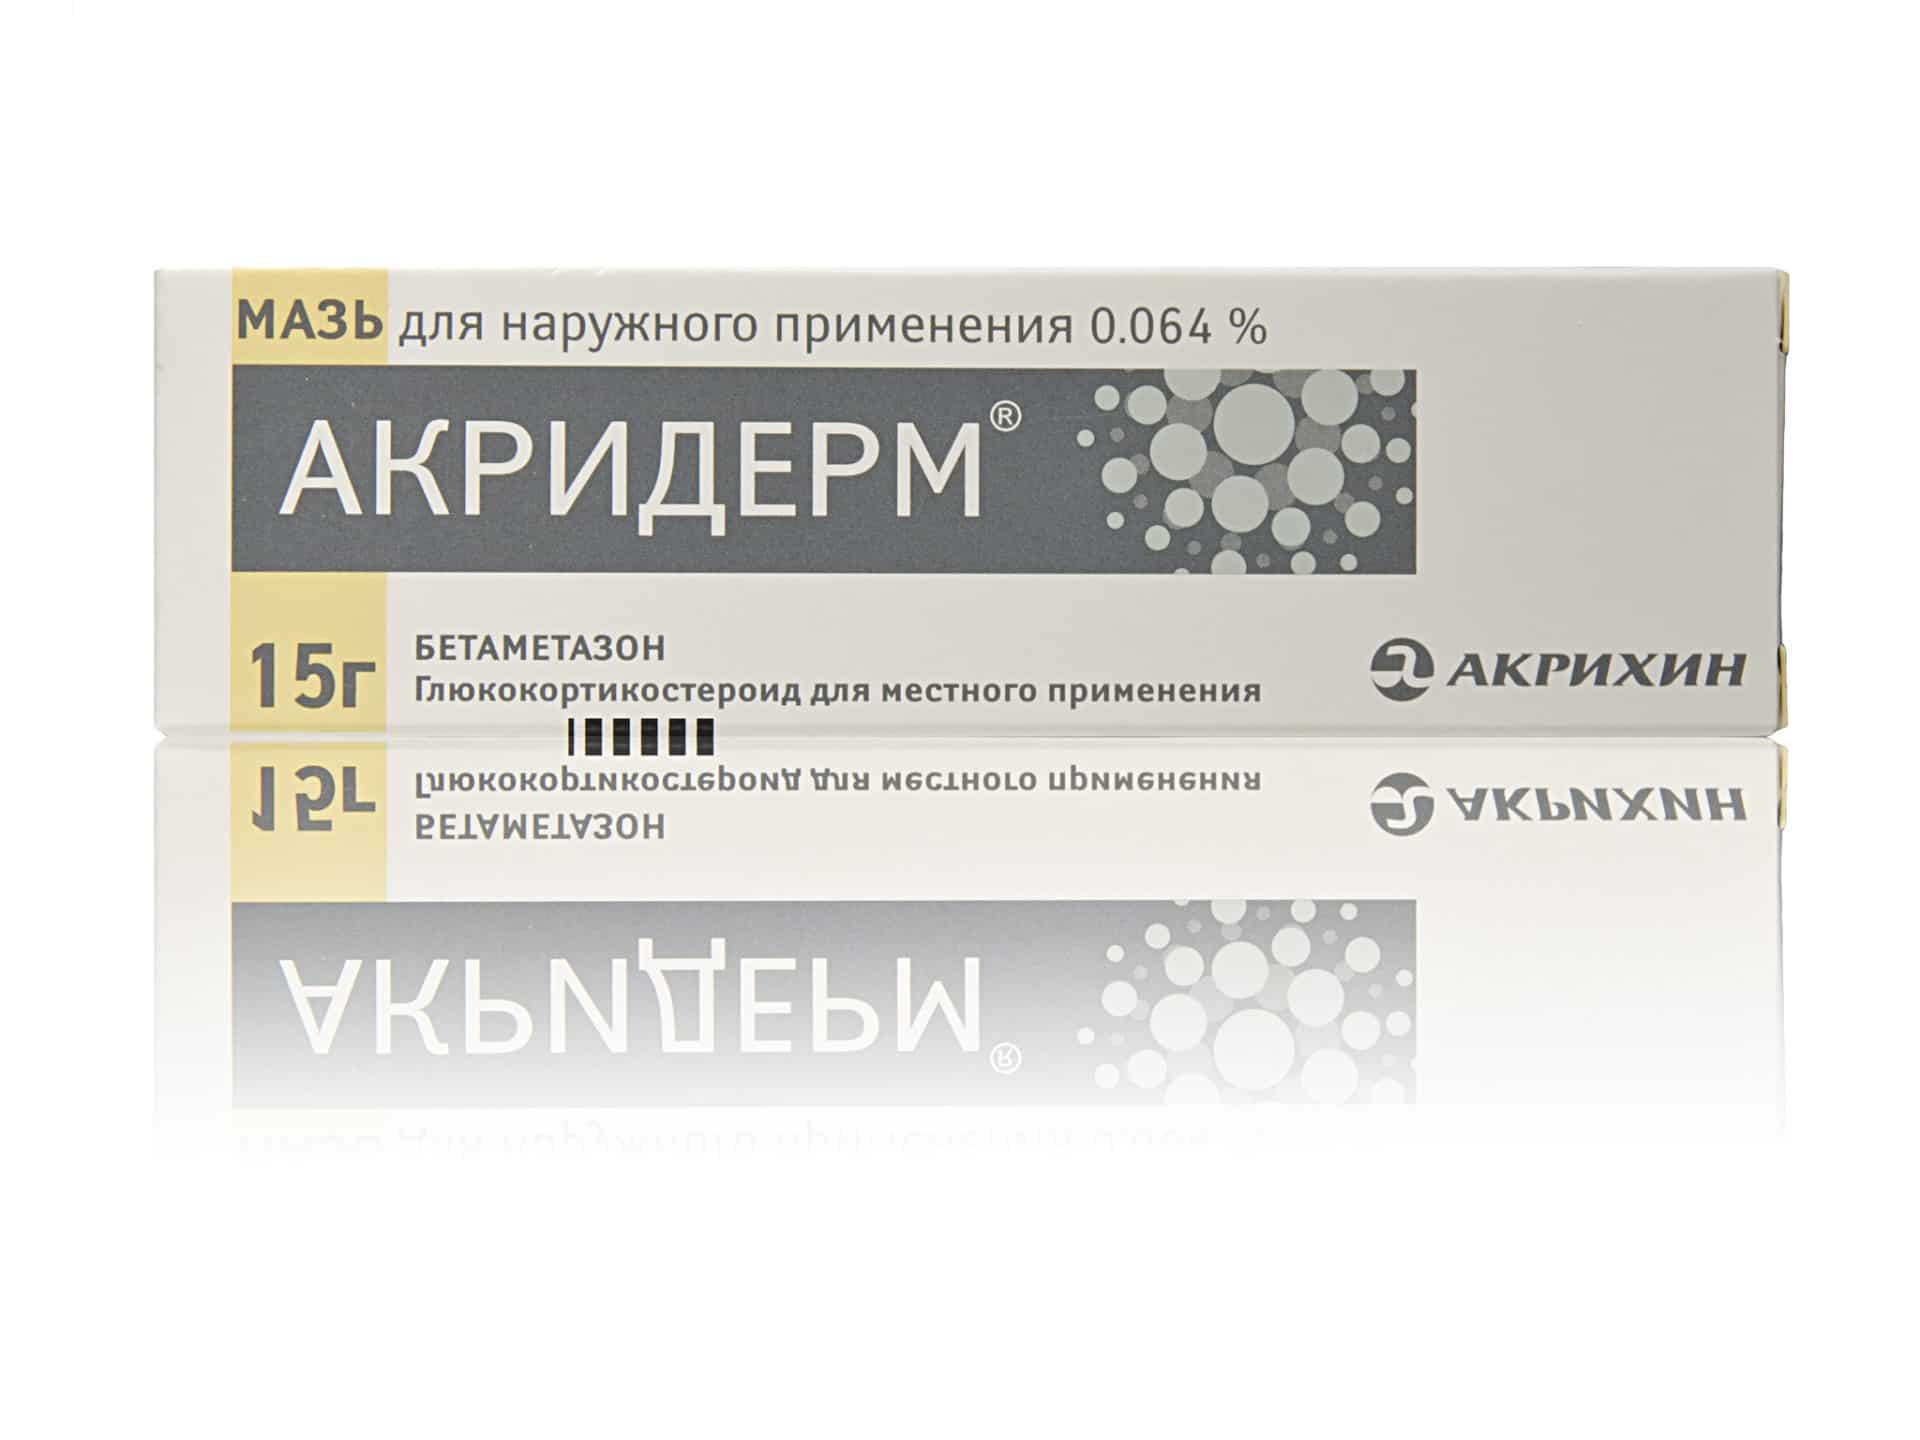 Фармакологические свойства Акридерм